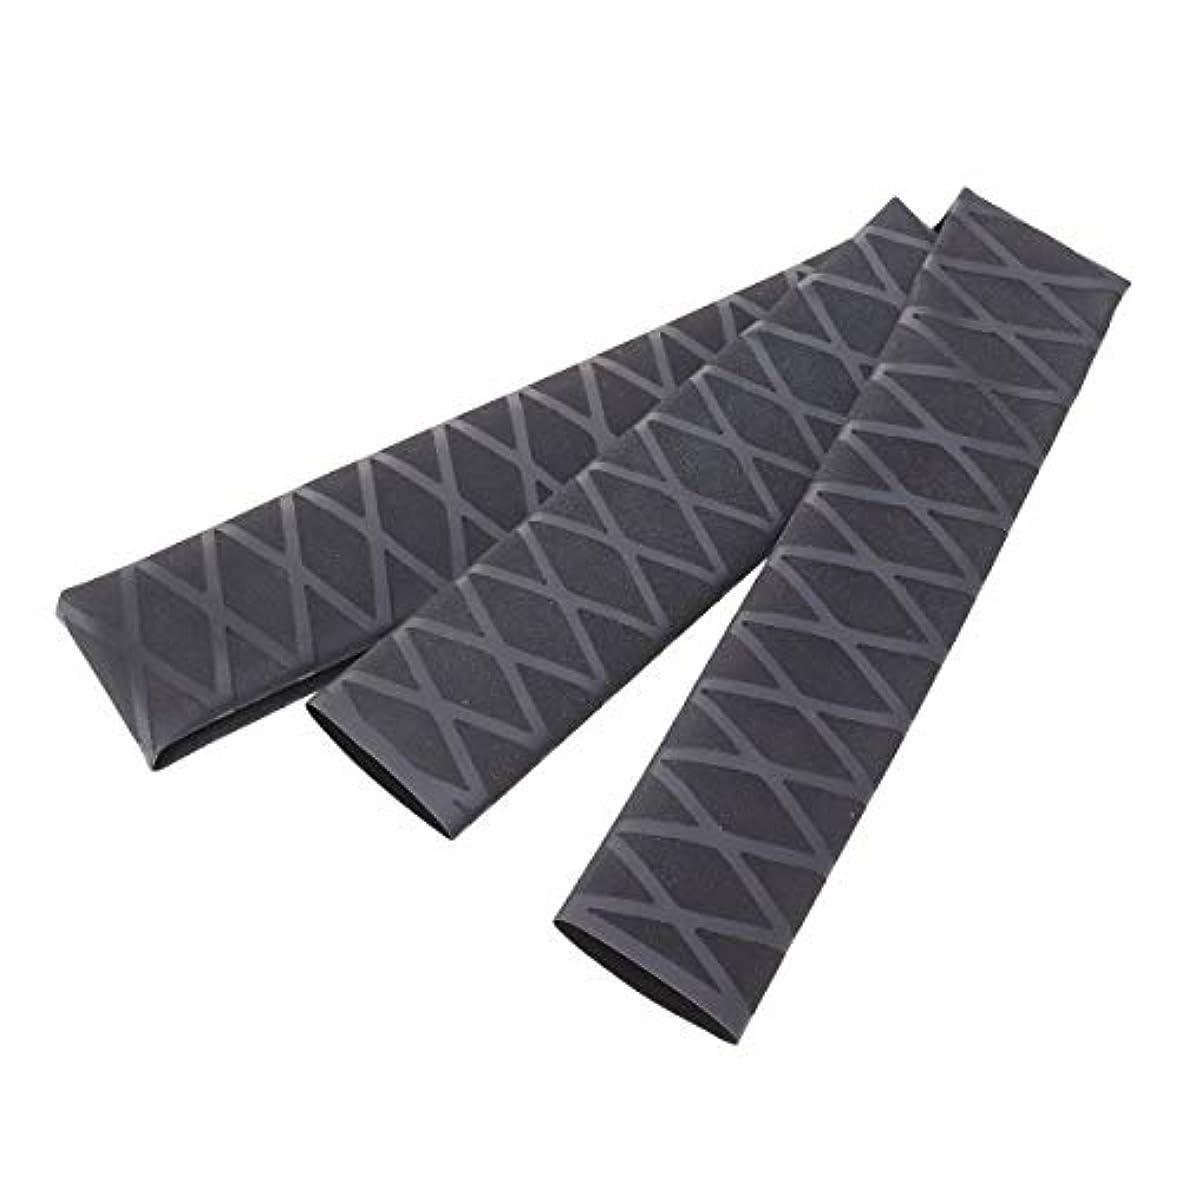 LIOOBO ノンスリップチューブラップチューブ保護ポリオレフィン熱収縮滑り止めロッドアクセサリーハンドルスリーブカバー(ブラック)